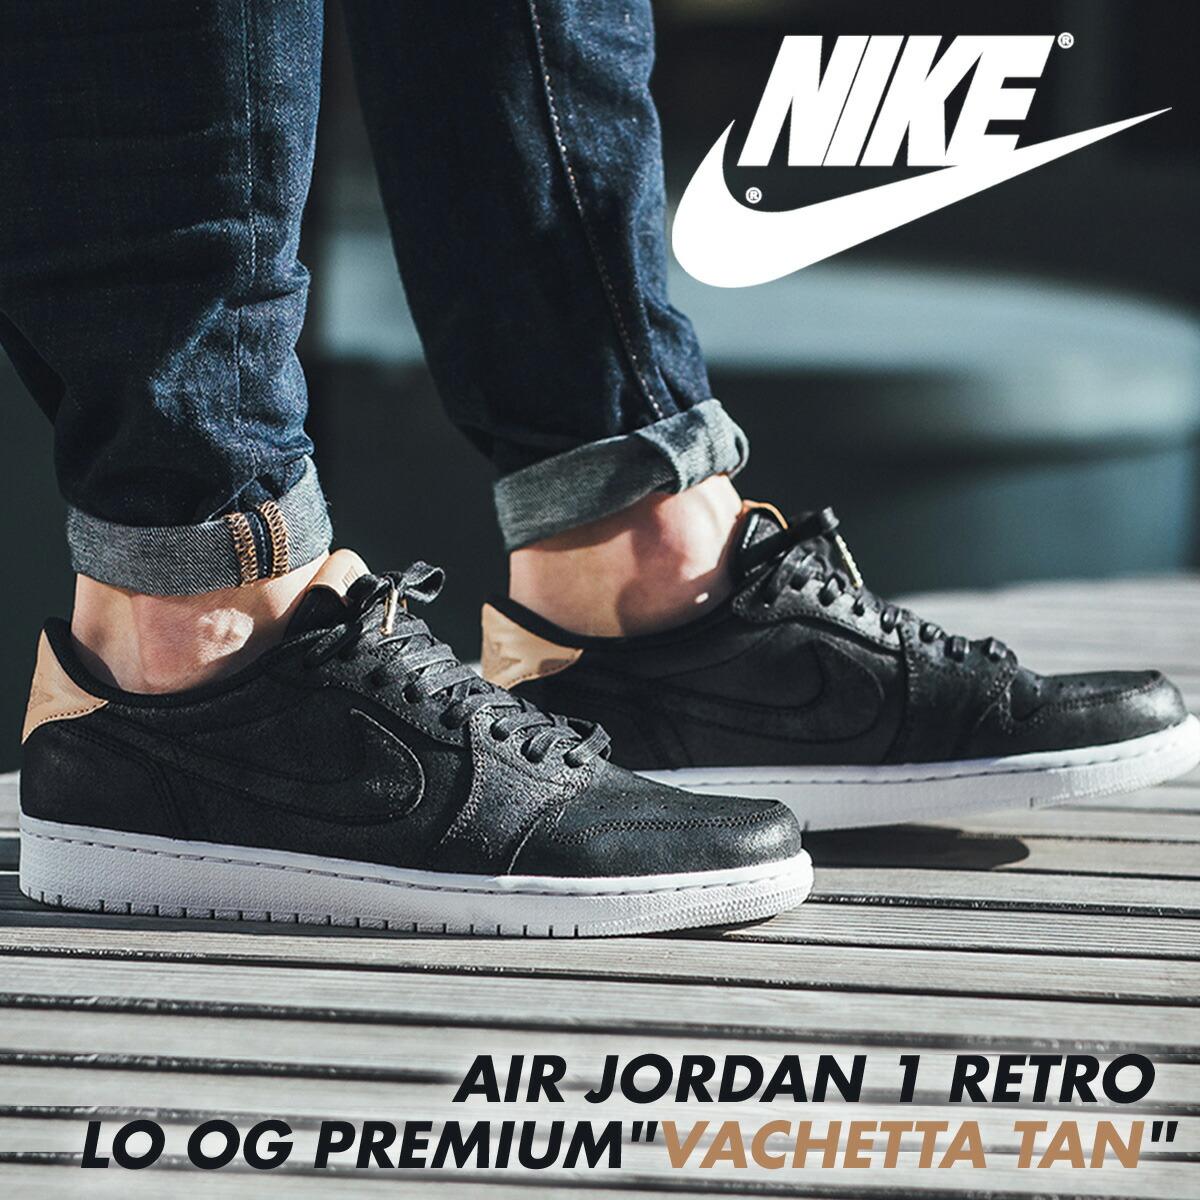 289abdc2e2f56 Nike NIKE Air Jordan 1 nostalgic sneakers AIR JORDAN 1 RETRO LOW OG PREMIUM  905